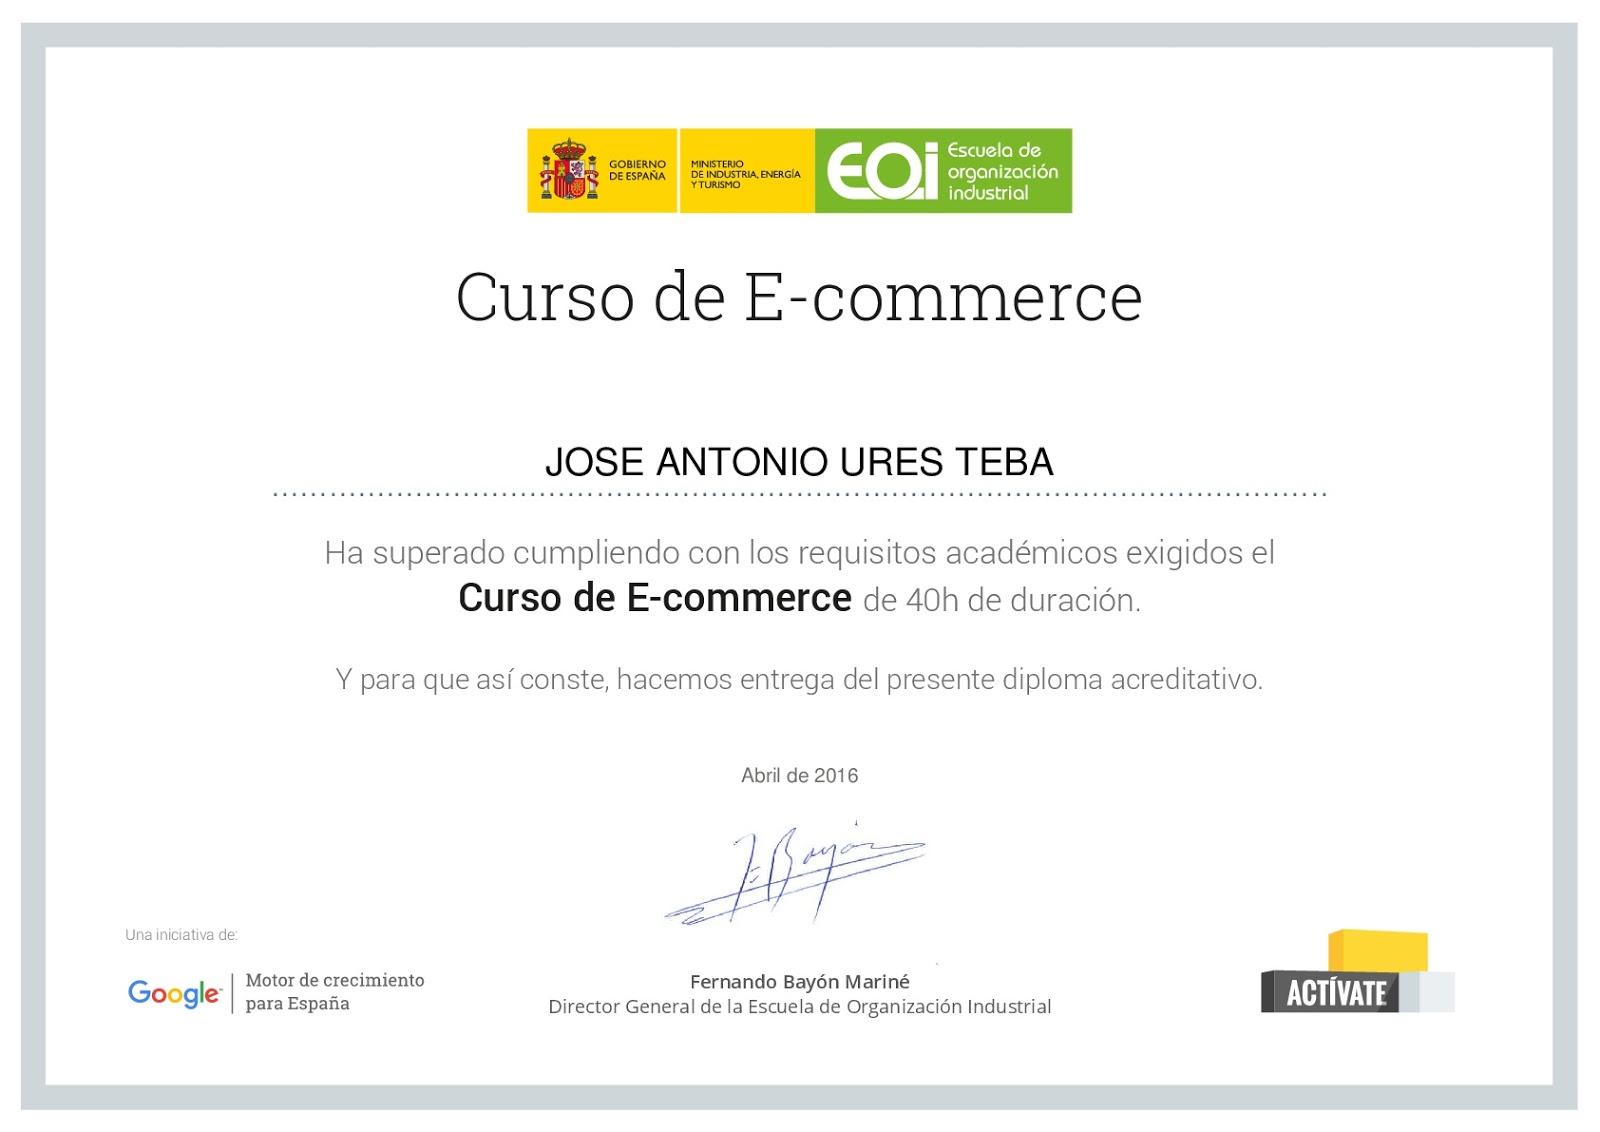 Único Correo Electrónico Curriculum Vitae Carta De Presentación ...